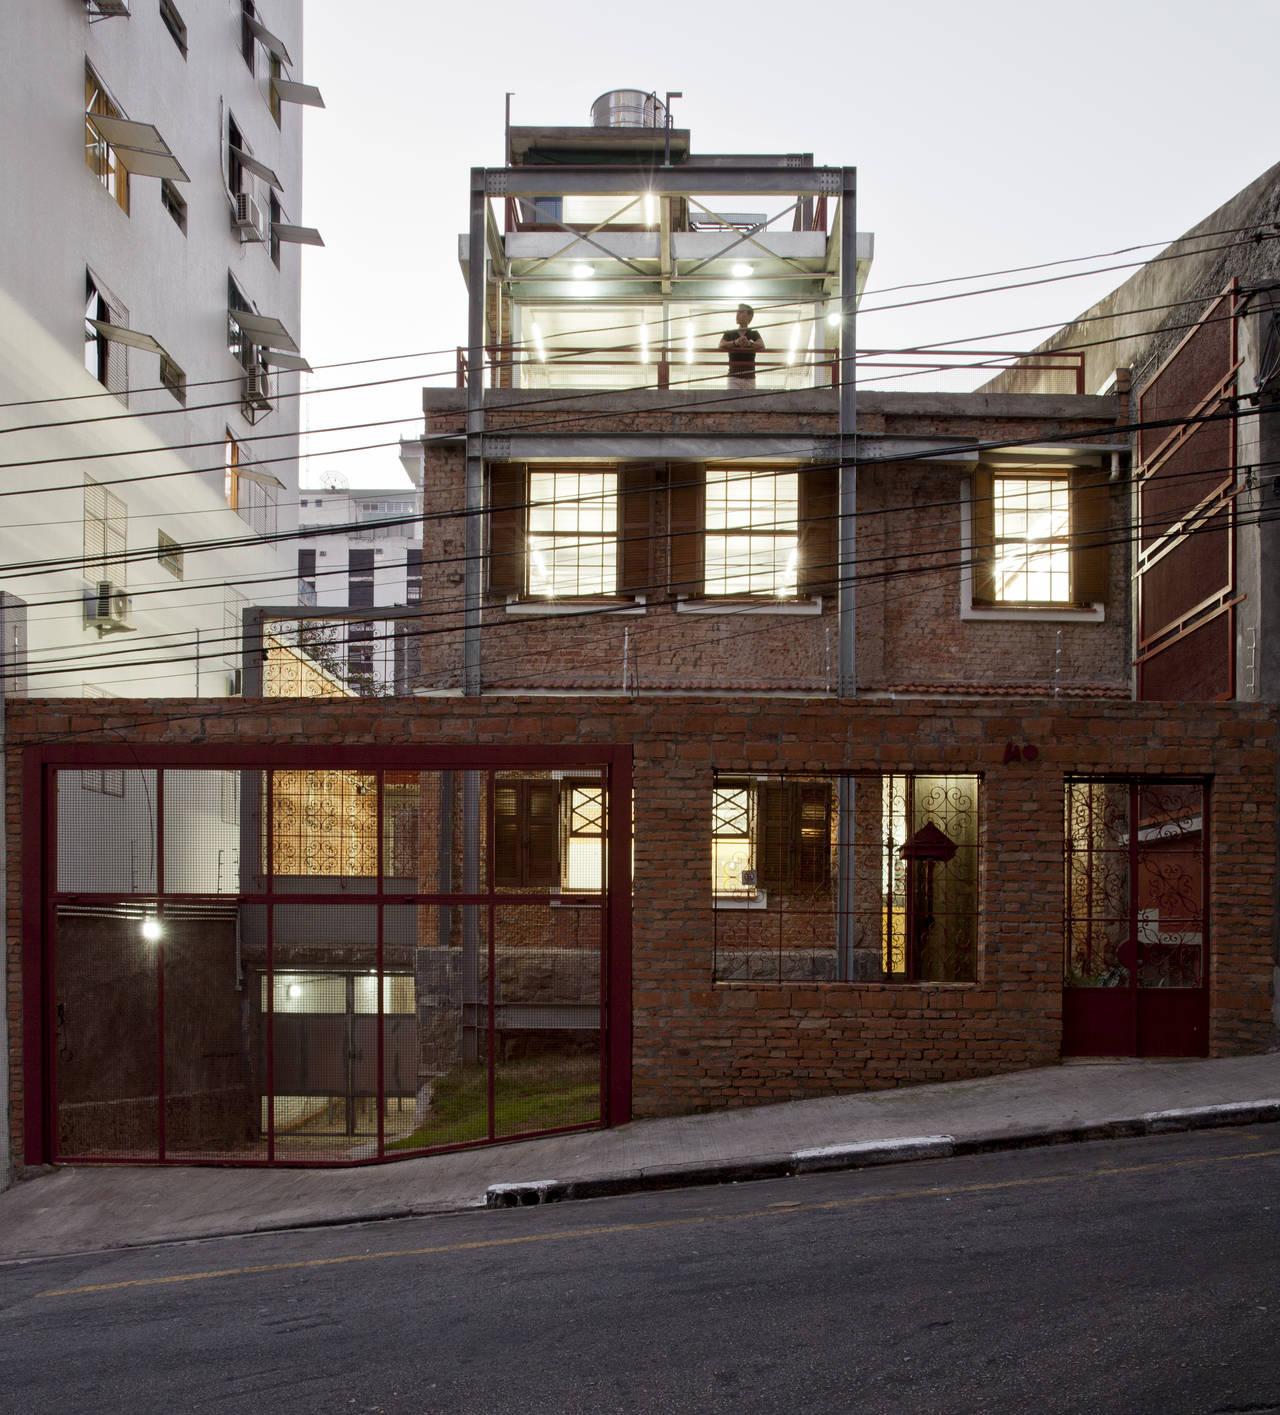 Casa Marília realizzata a San Paolo, in Brasile, dallo studio SuperLimão, vincitore della categoria Riconversione (Re-Use). Photo by Maira Acayaba©